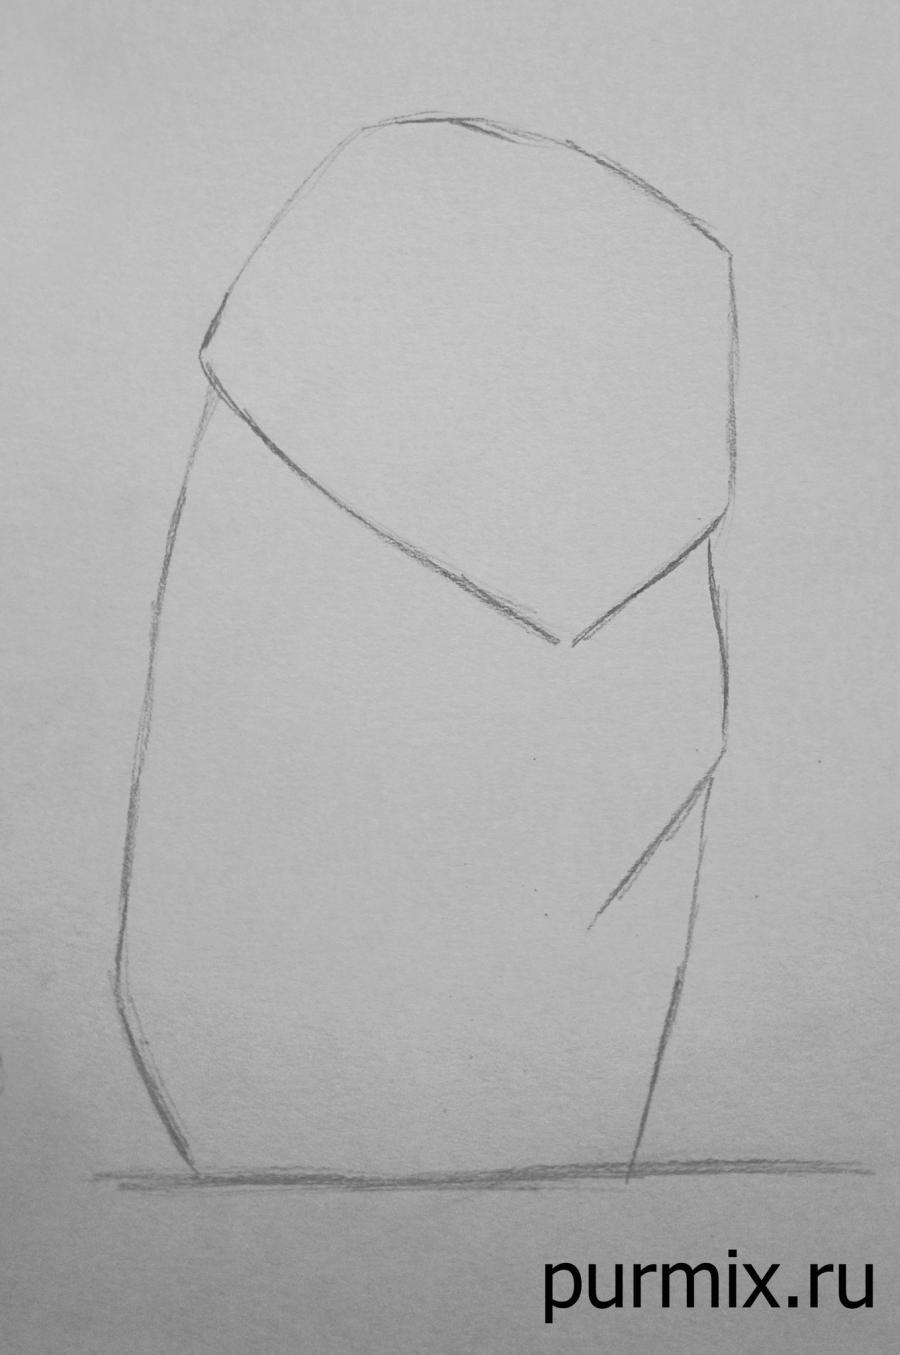 Как нарисовать пса Перси из Покахонтас простым карандашом